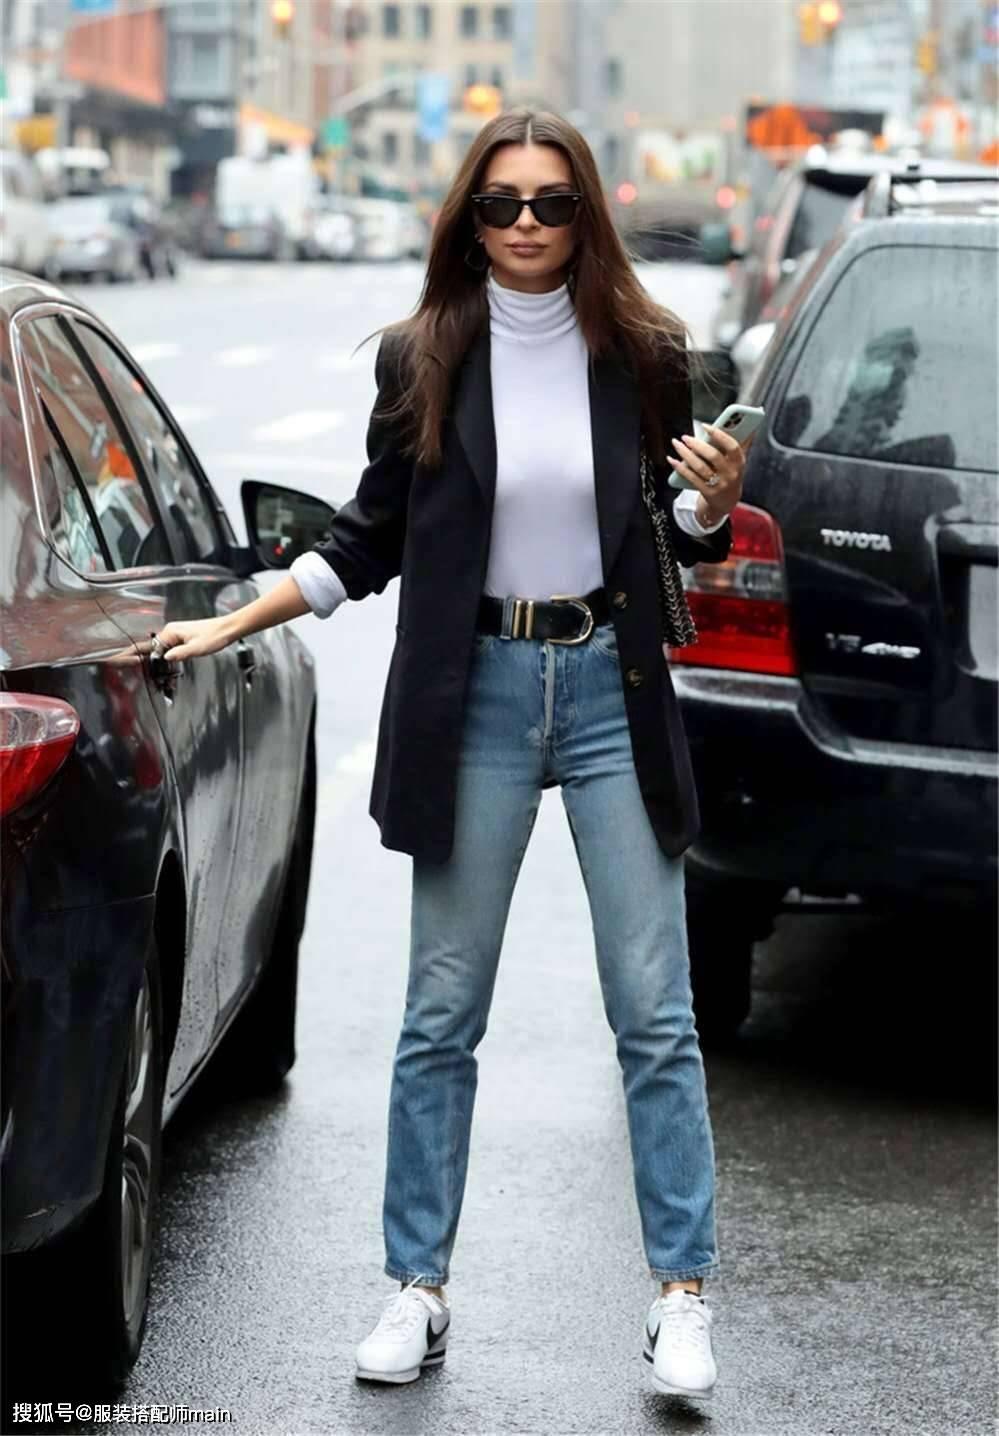 个子矮、小肚腩、腿短、臀宽、微胖,直筒牛仔裤通通帮你解决